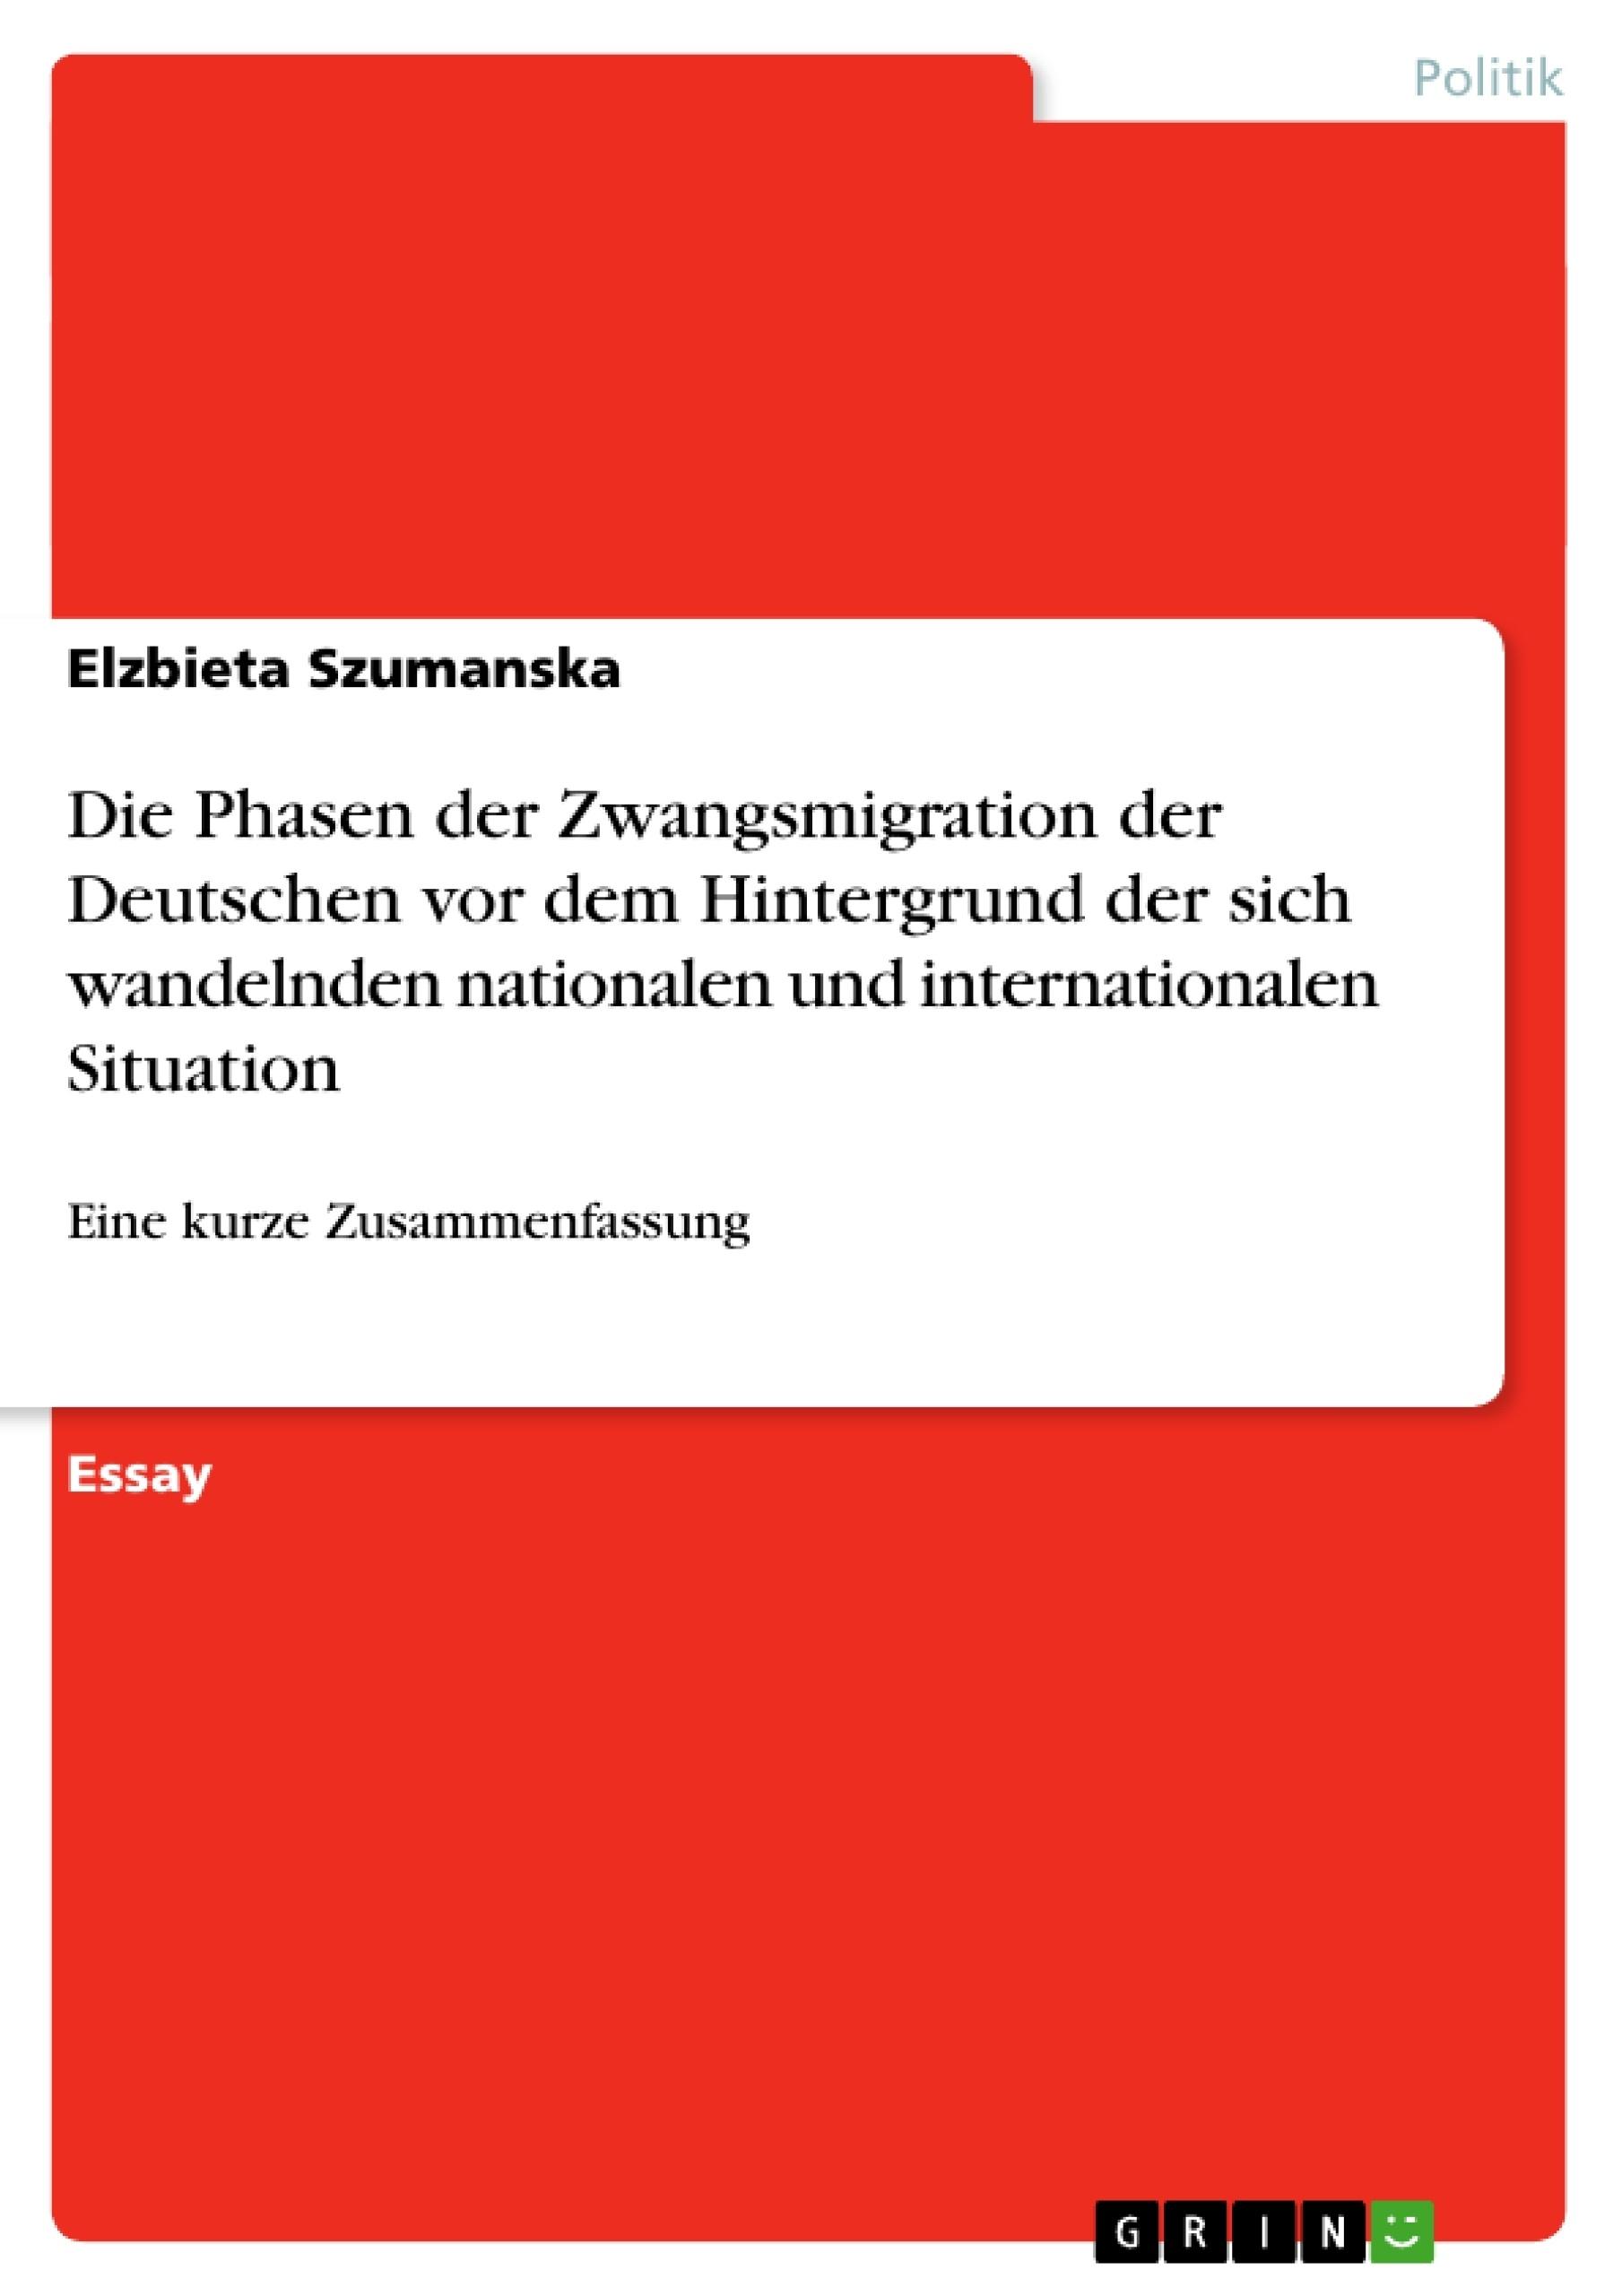 Titel: Die Phasen der Zwangsmigration der Deutschen vor dem Hintergrund der sich wandelnden nationalen und internationalen Situation